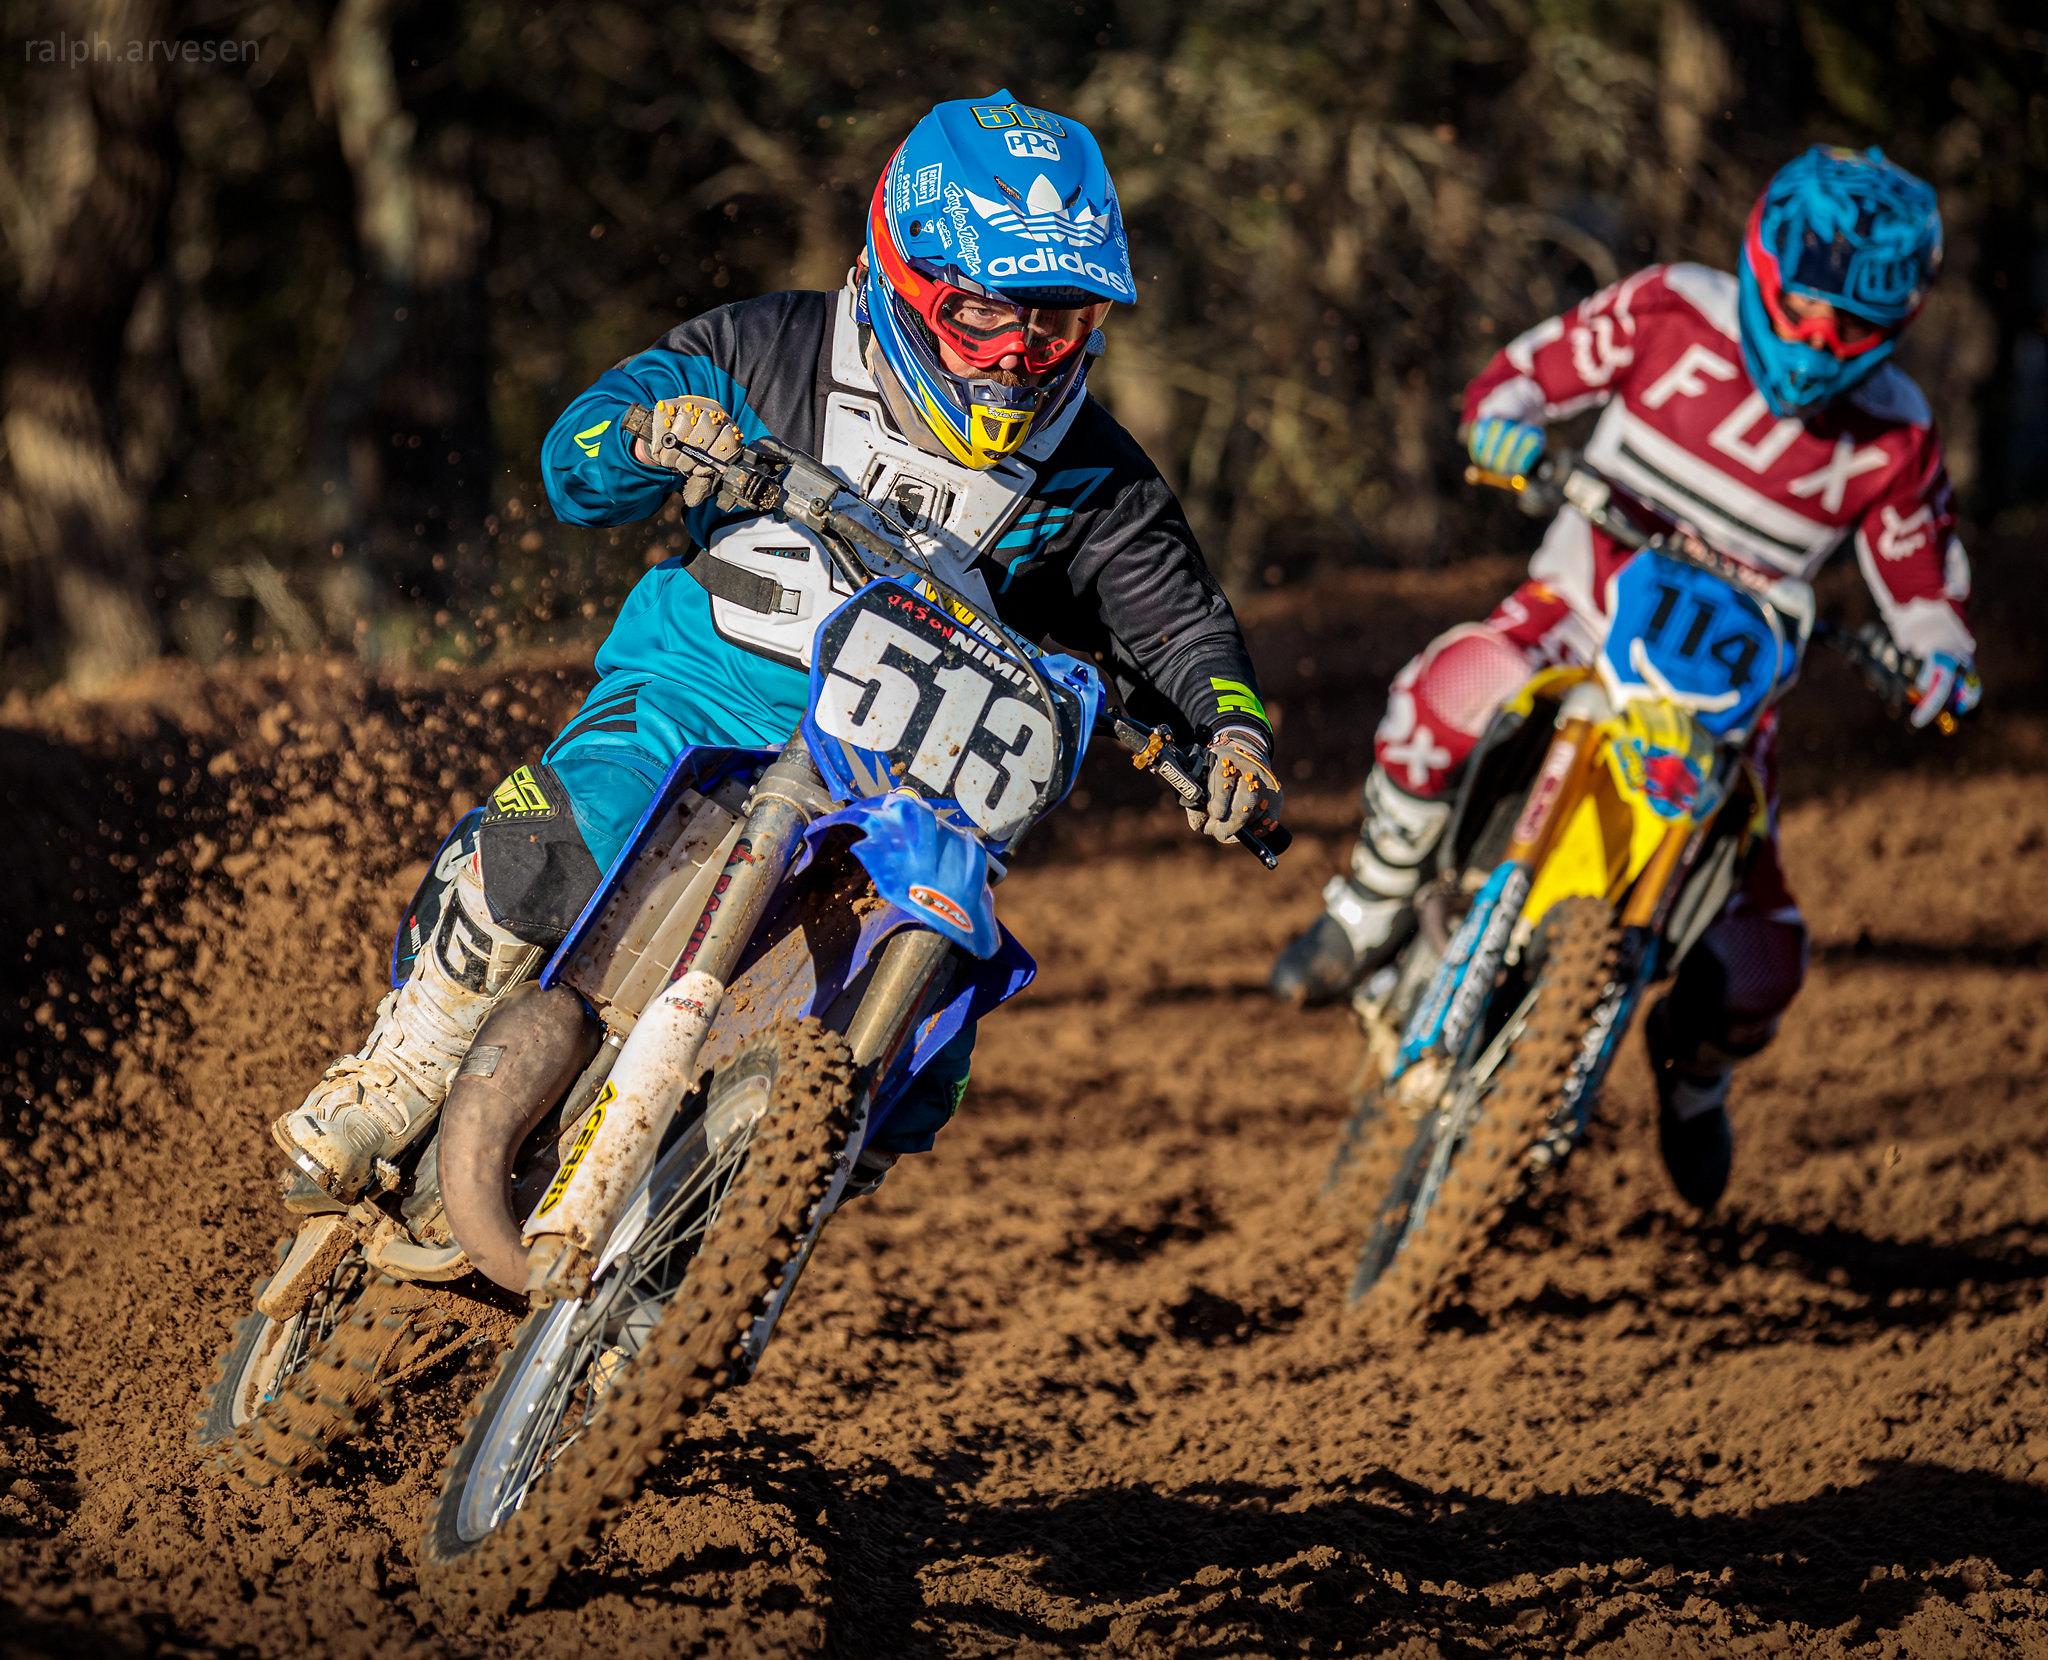 Motocross Race for St. Jude Children's Hospital | Texas Review | Ralph Arvesen